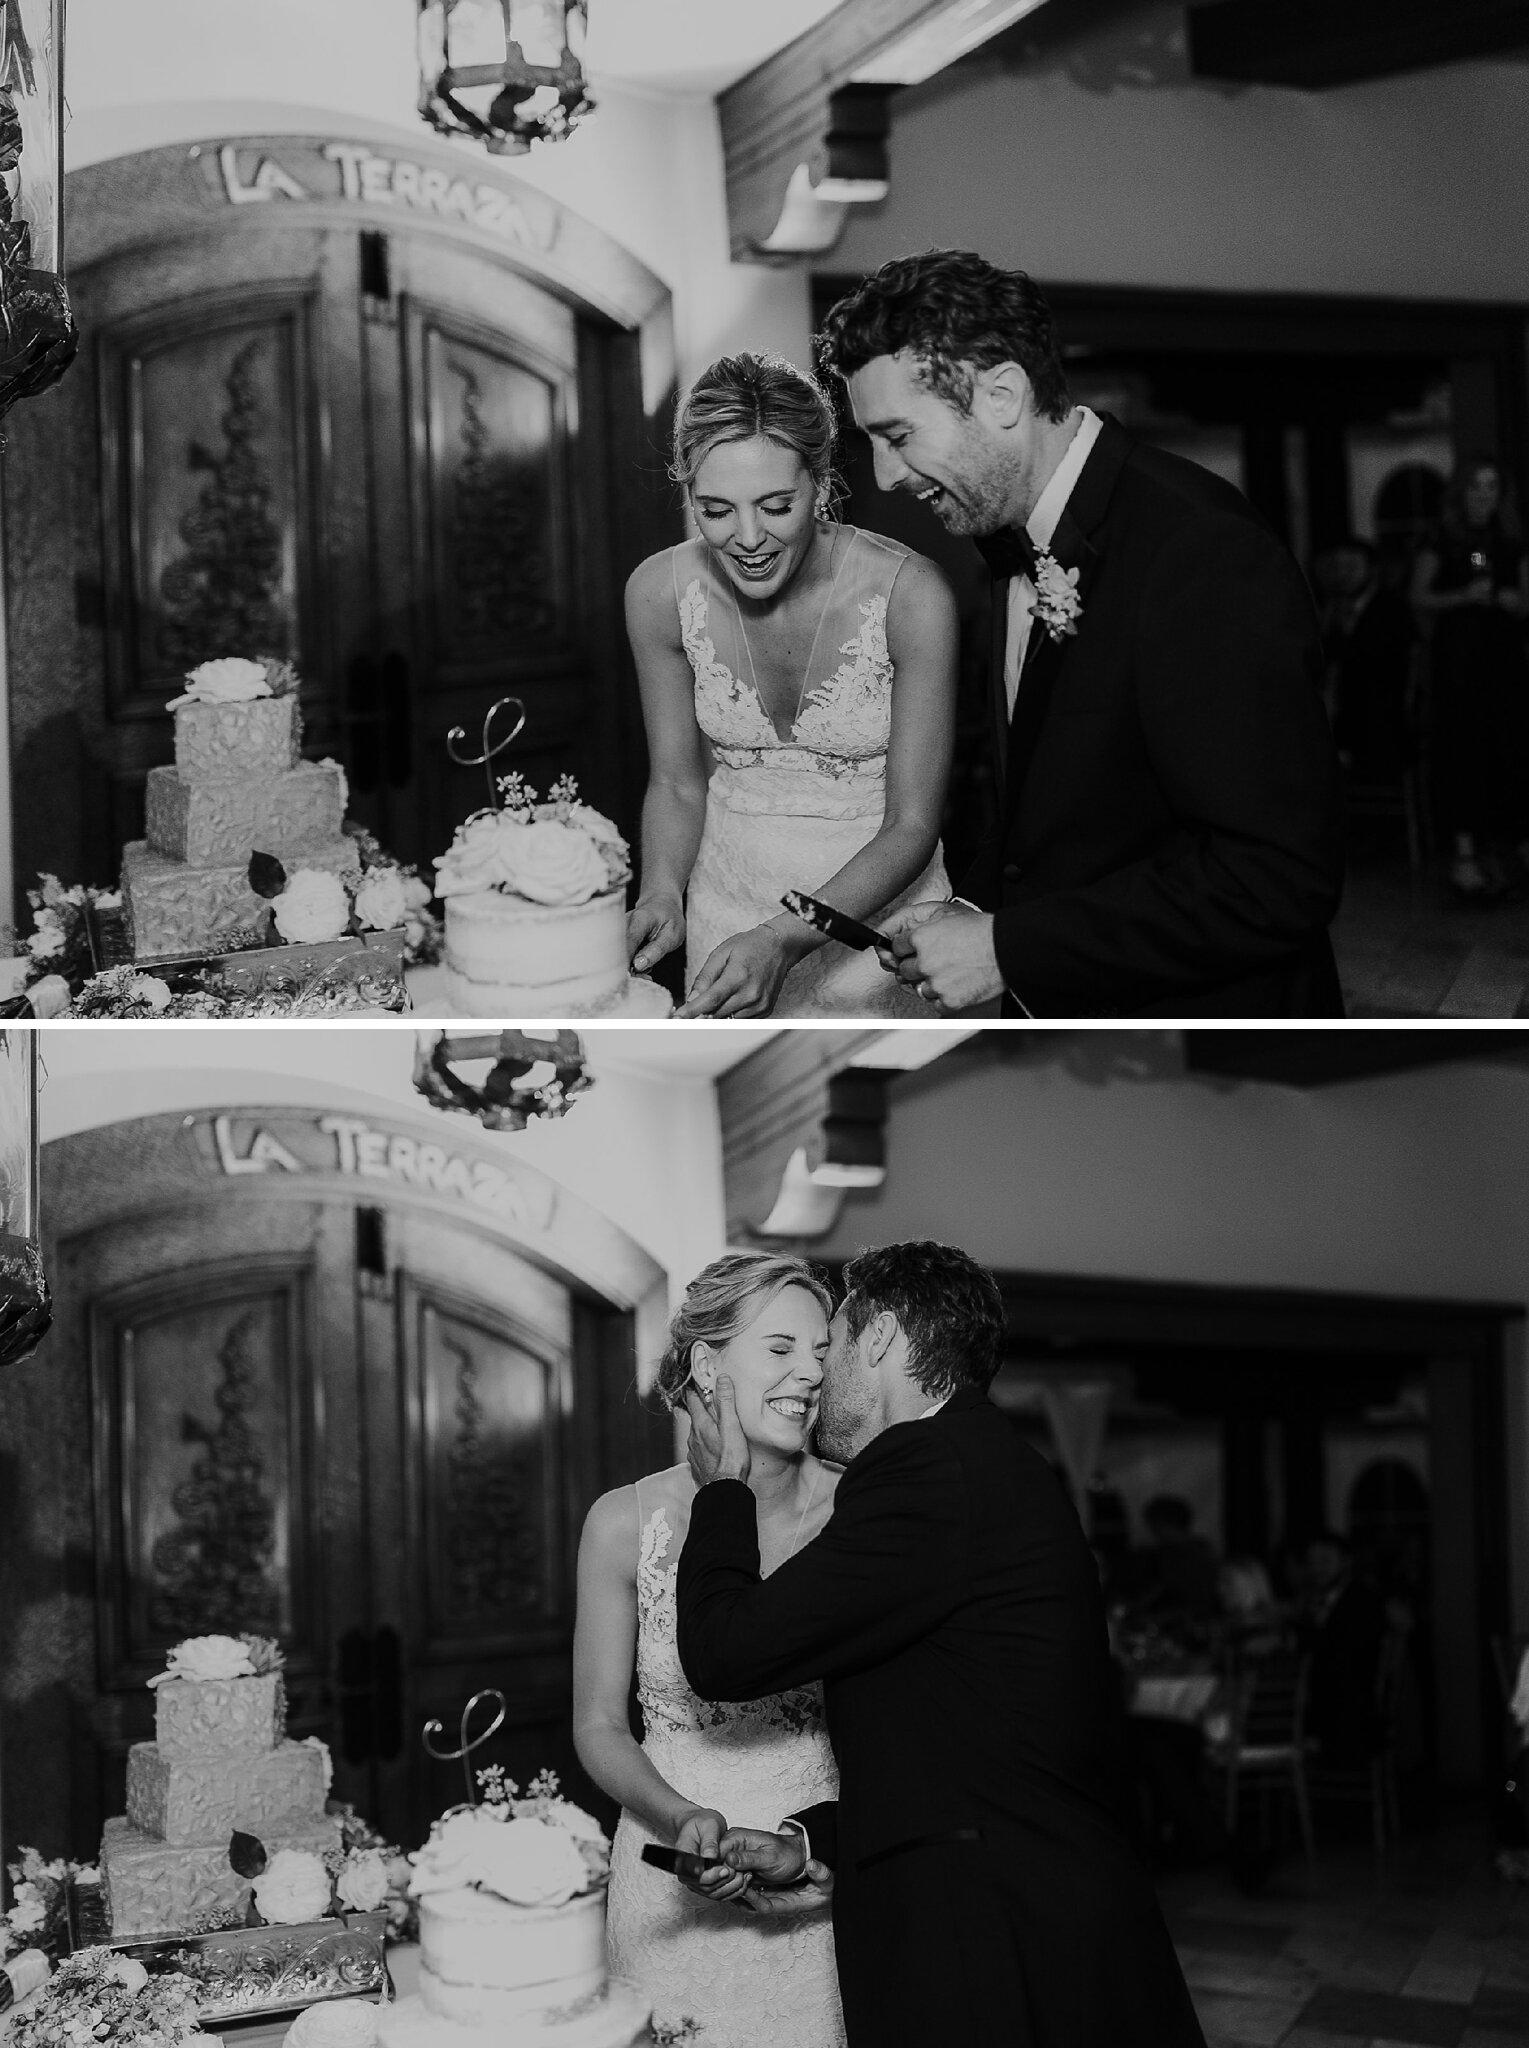 Alicia+lucia+photography+-+albuquerque+wedding+photographer+-+santa+fe+wedding+photography+-+new+mexico+wedding+photographer+-+new+mexico+wedding+-+wedding+-+wedding+cakes+-+flroal+cake+-+santa+fe+cake+-+santa+fe+baker_0009.jpg